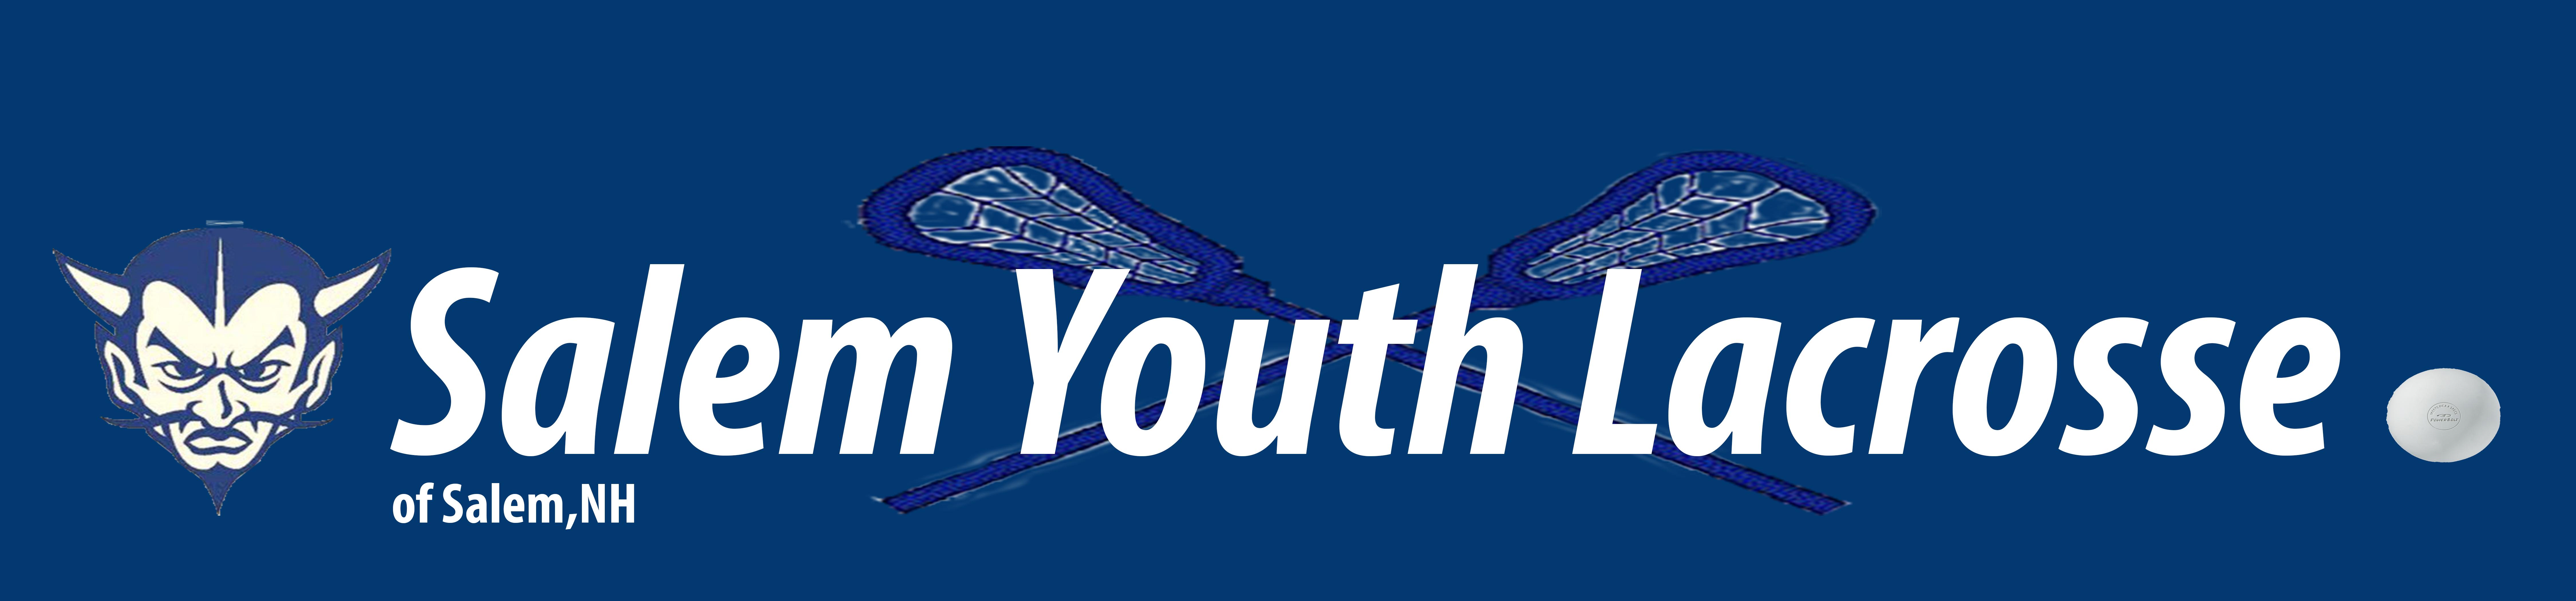 Salem Youth Lacrosse, Lacrosse, Goal, Field